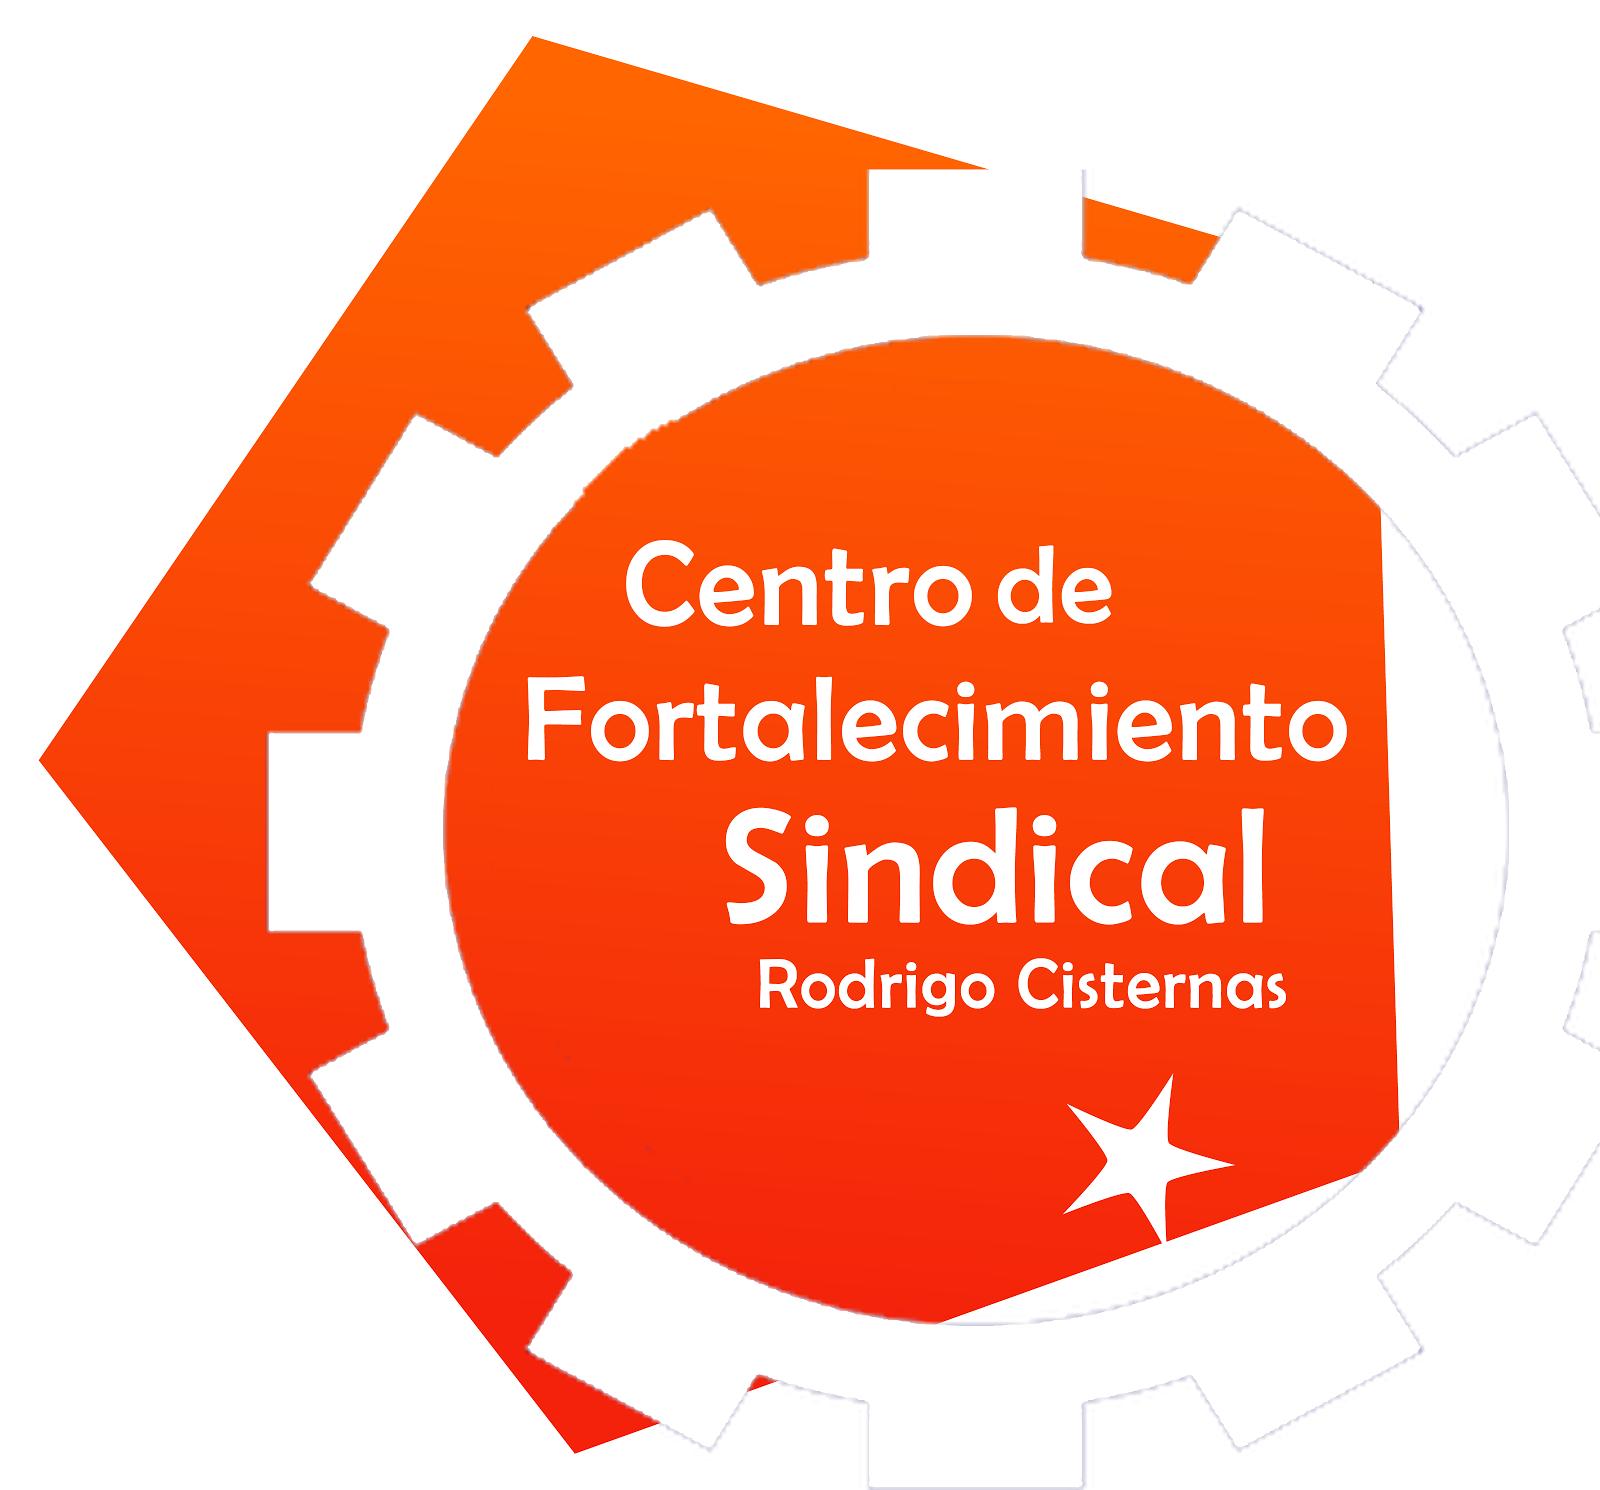 Centro de Fortalecimiento Sindical Rodrigo Cisterna